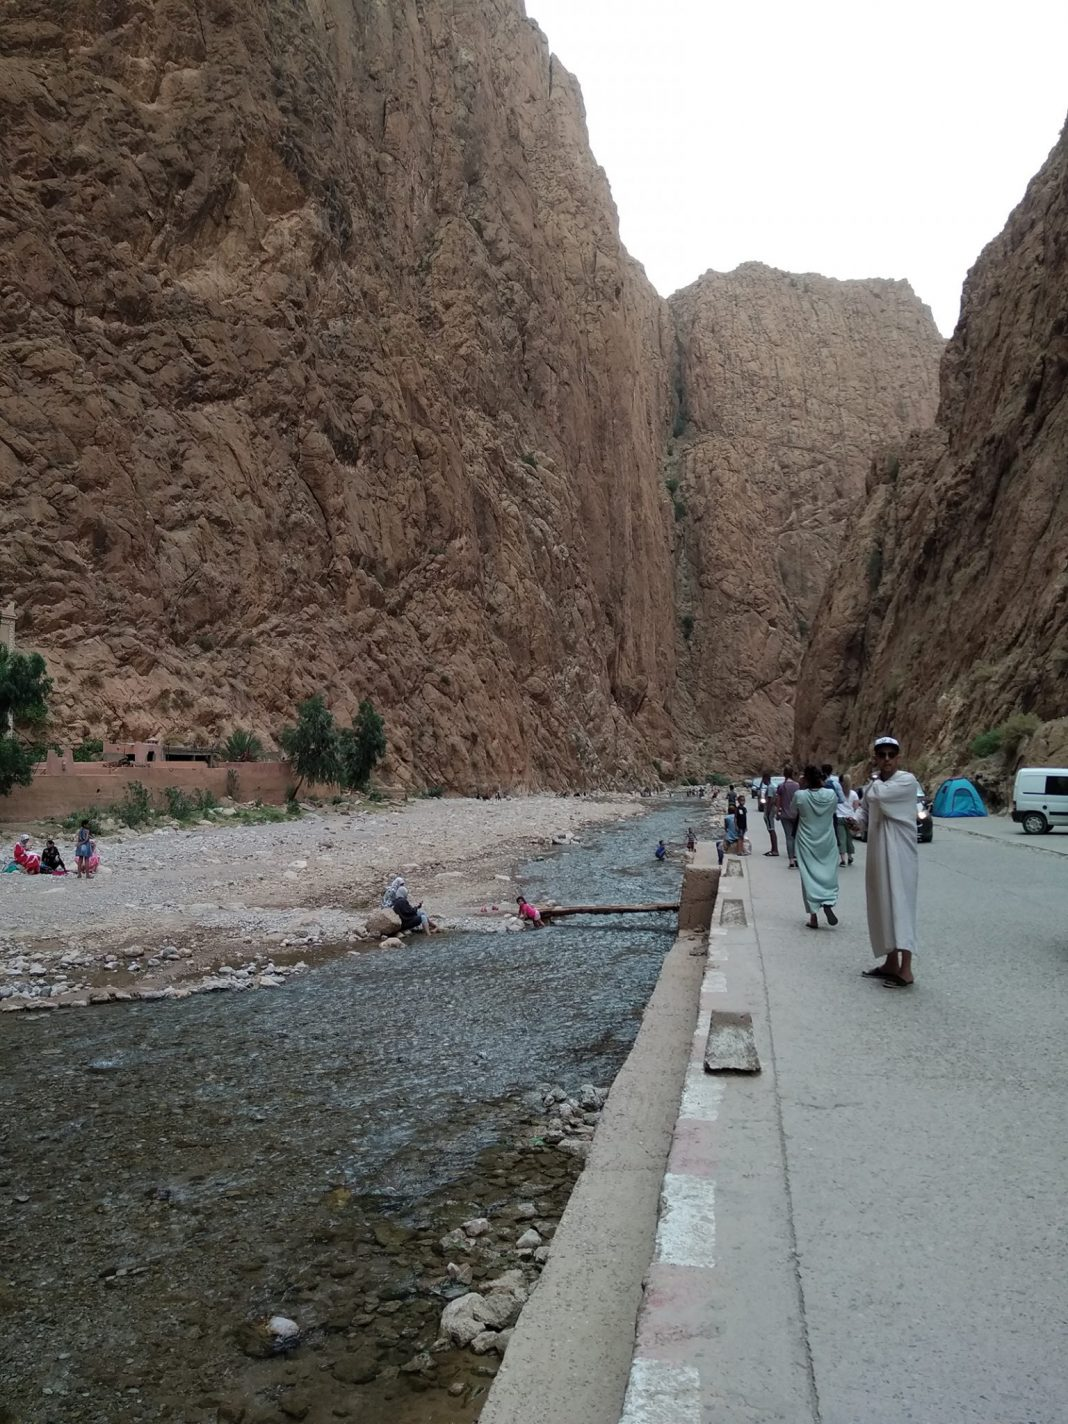 Wandelen langs de de Dadès rivier - Dadès Kloof in Marokko